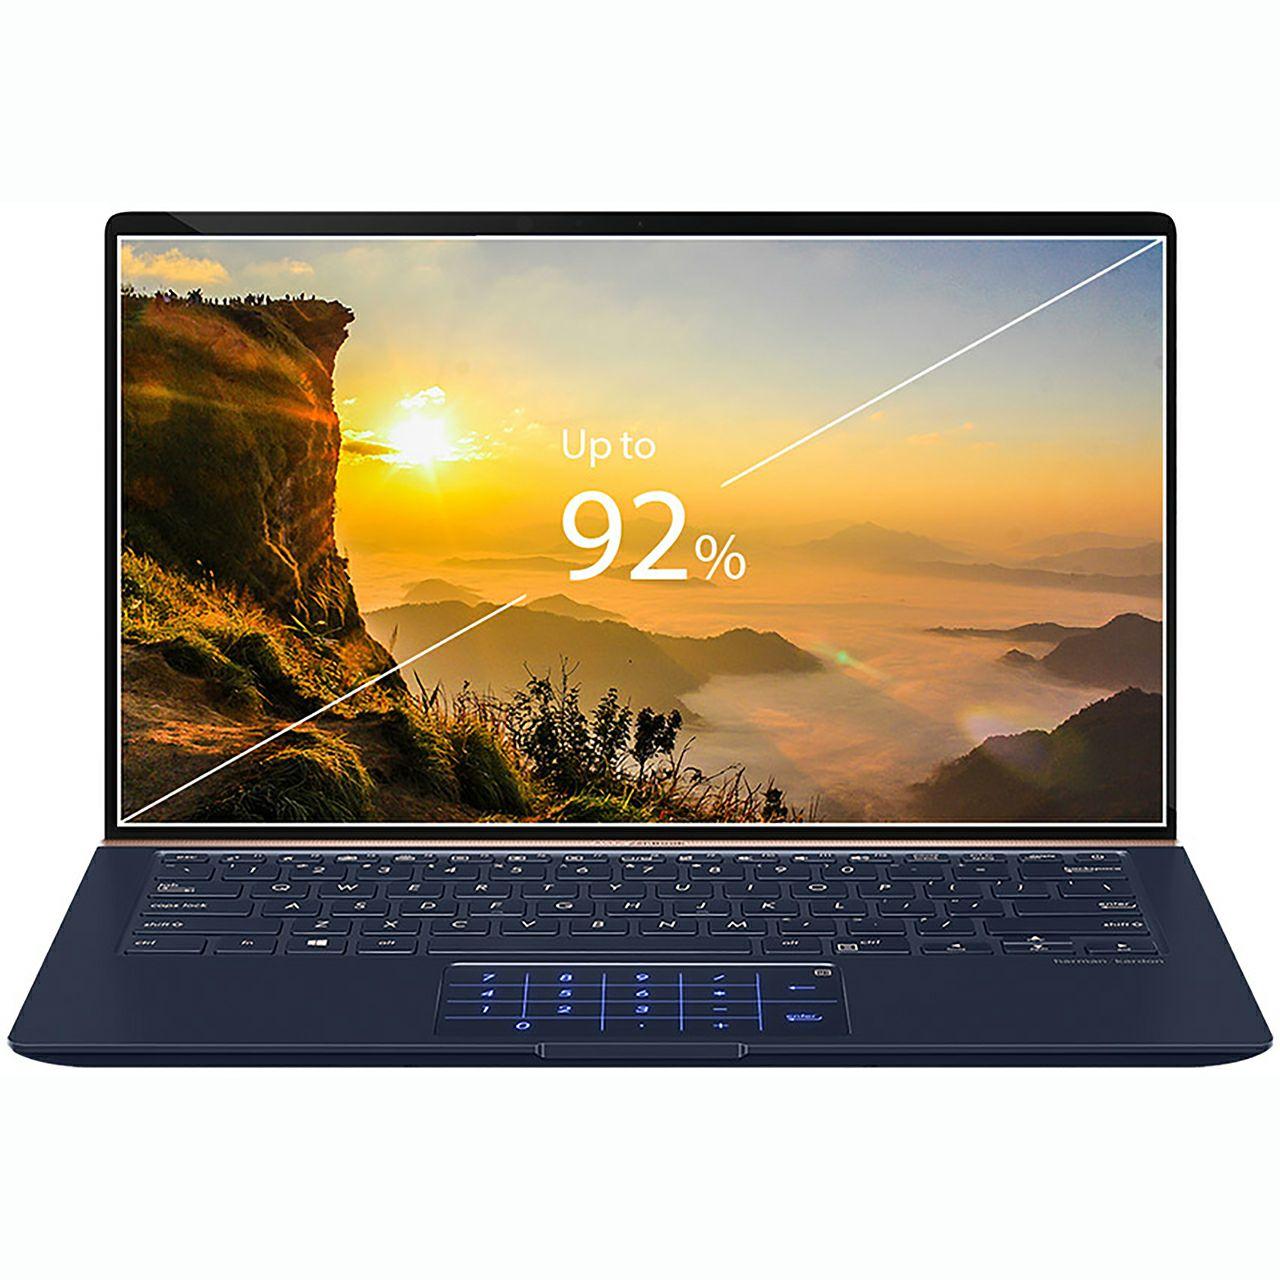 """Asus ZenBook UX433FA 14"""" (i5-8265u, 8GB RAM, 256GB SSD) Laptop £679  (£604 with ao cashback) @ao.com"""